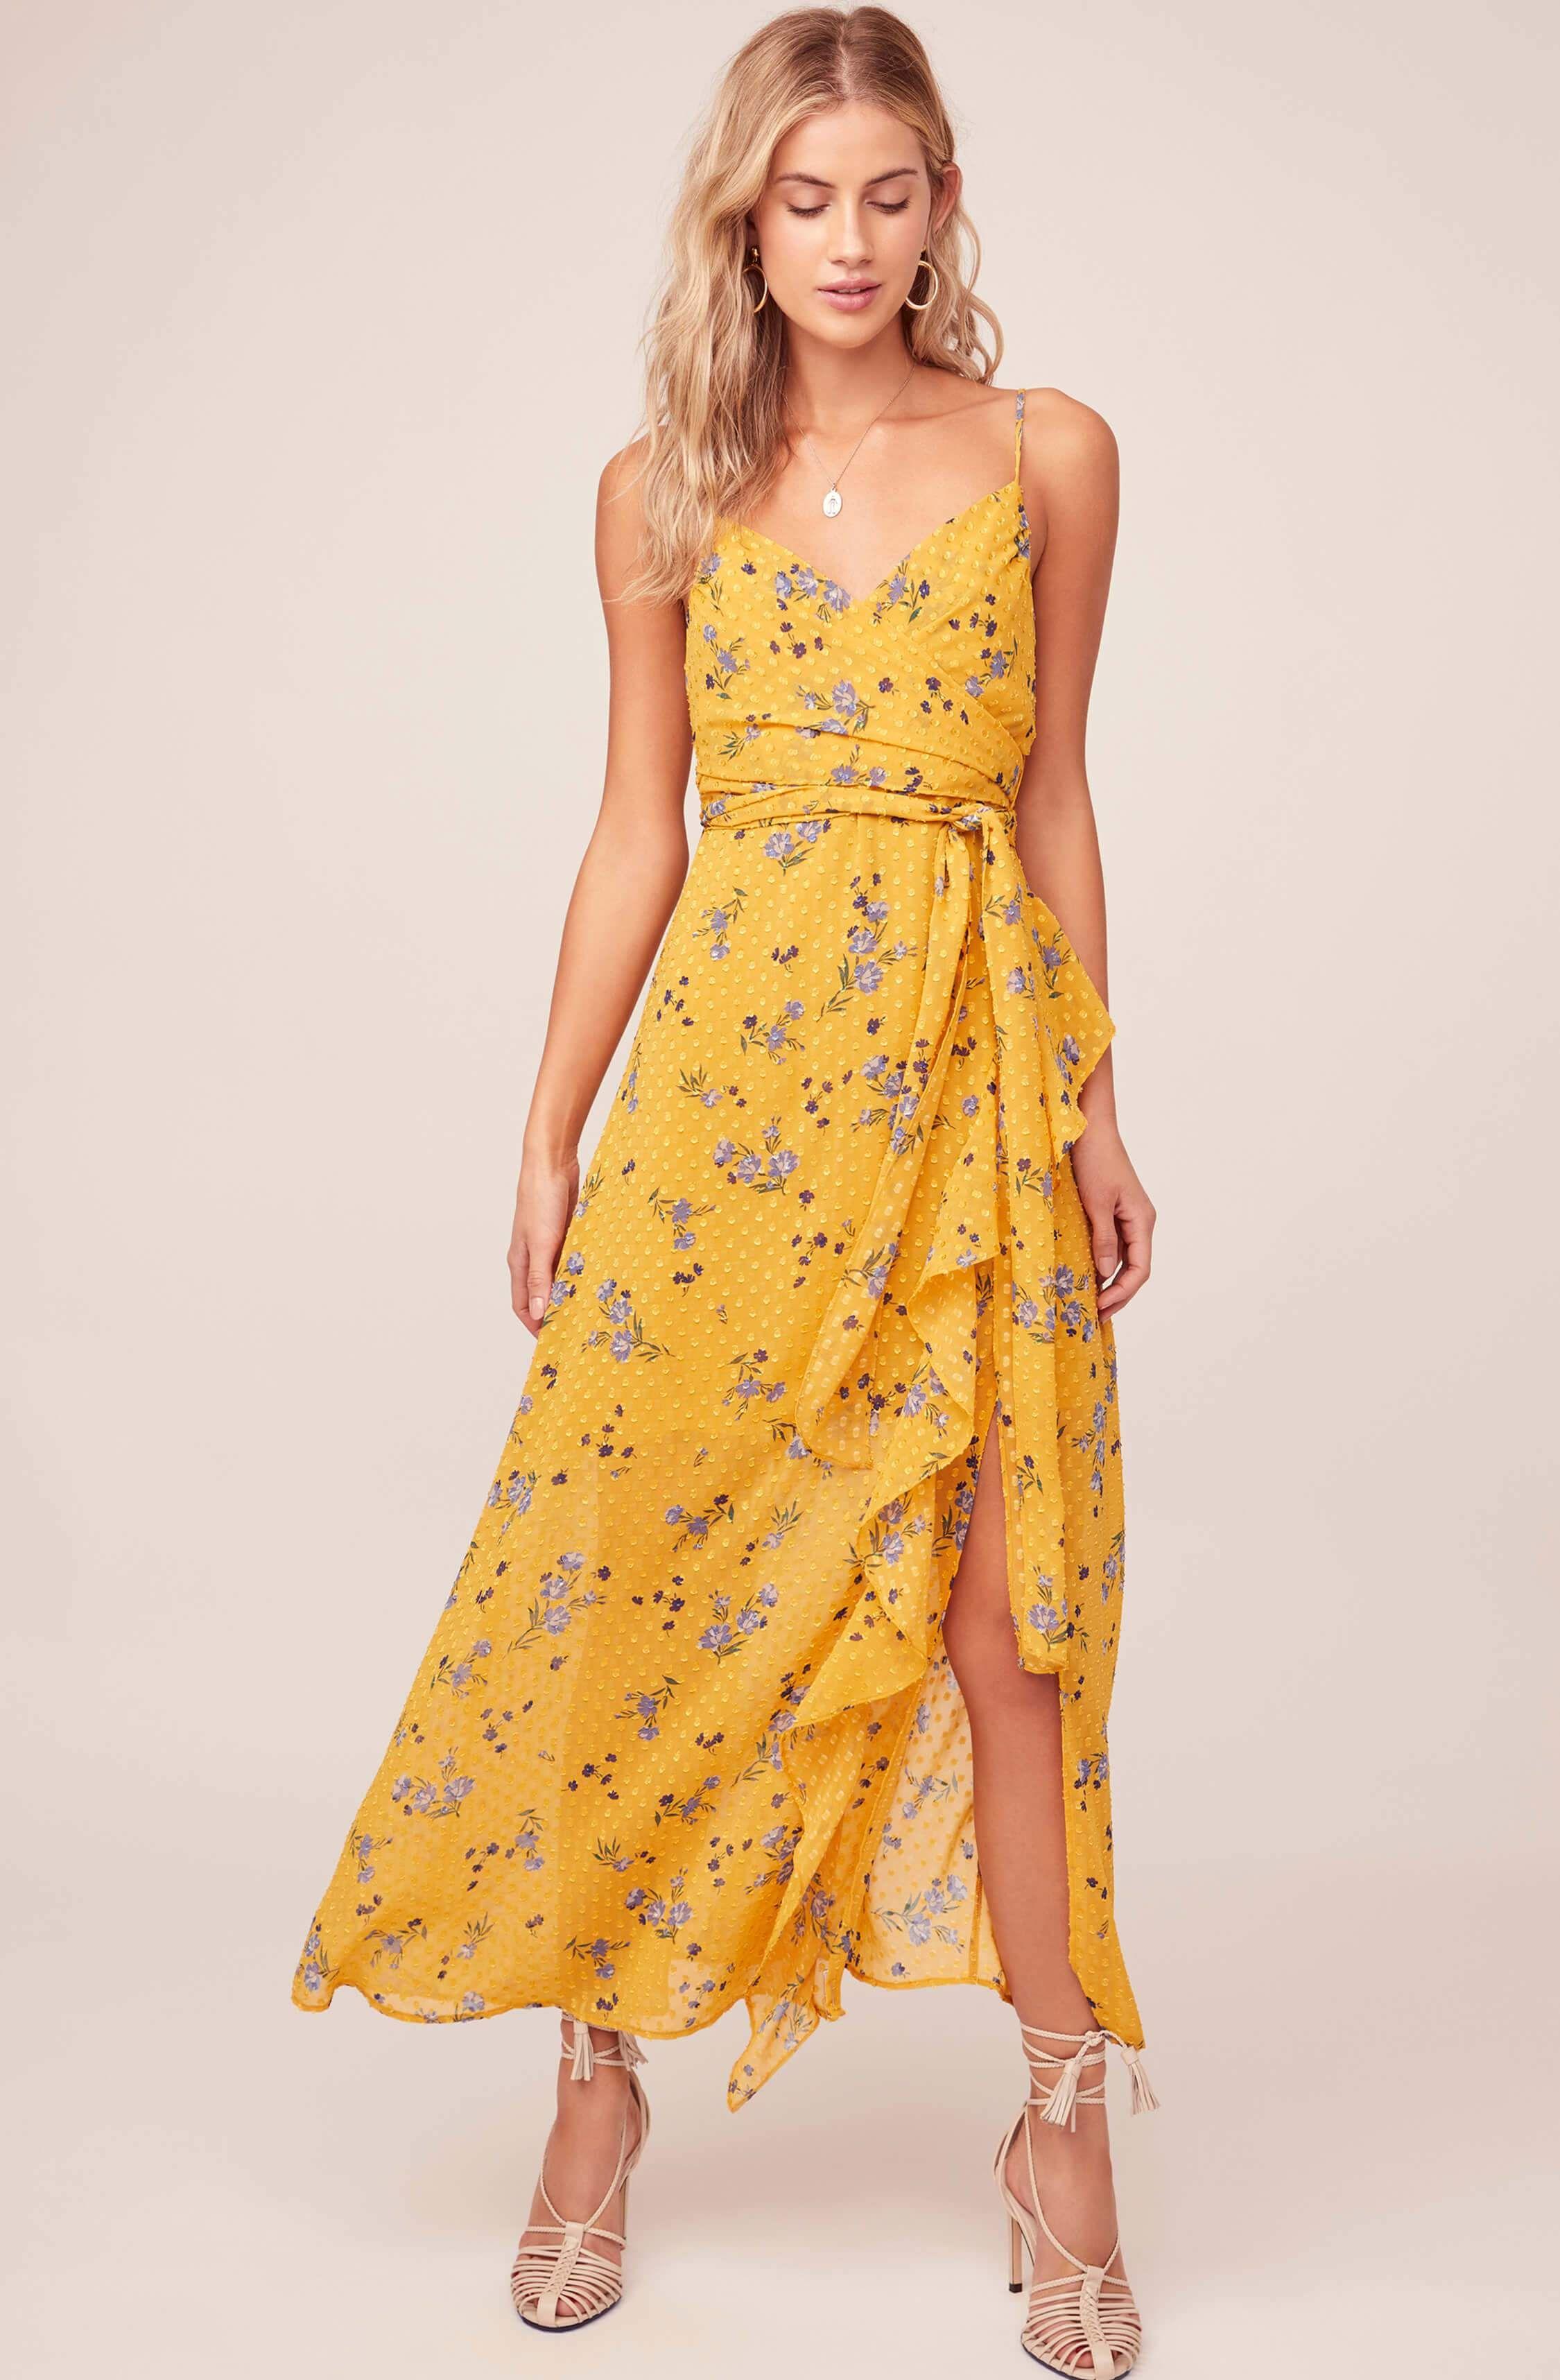 Bette Floral Maxi Dress Astr The Label Maxi Dress Flowing Summer Dresses Wrap Dress Floral [ 3432 x 2250 Pixel ]